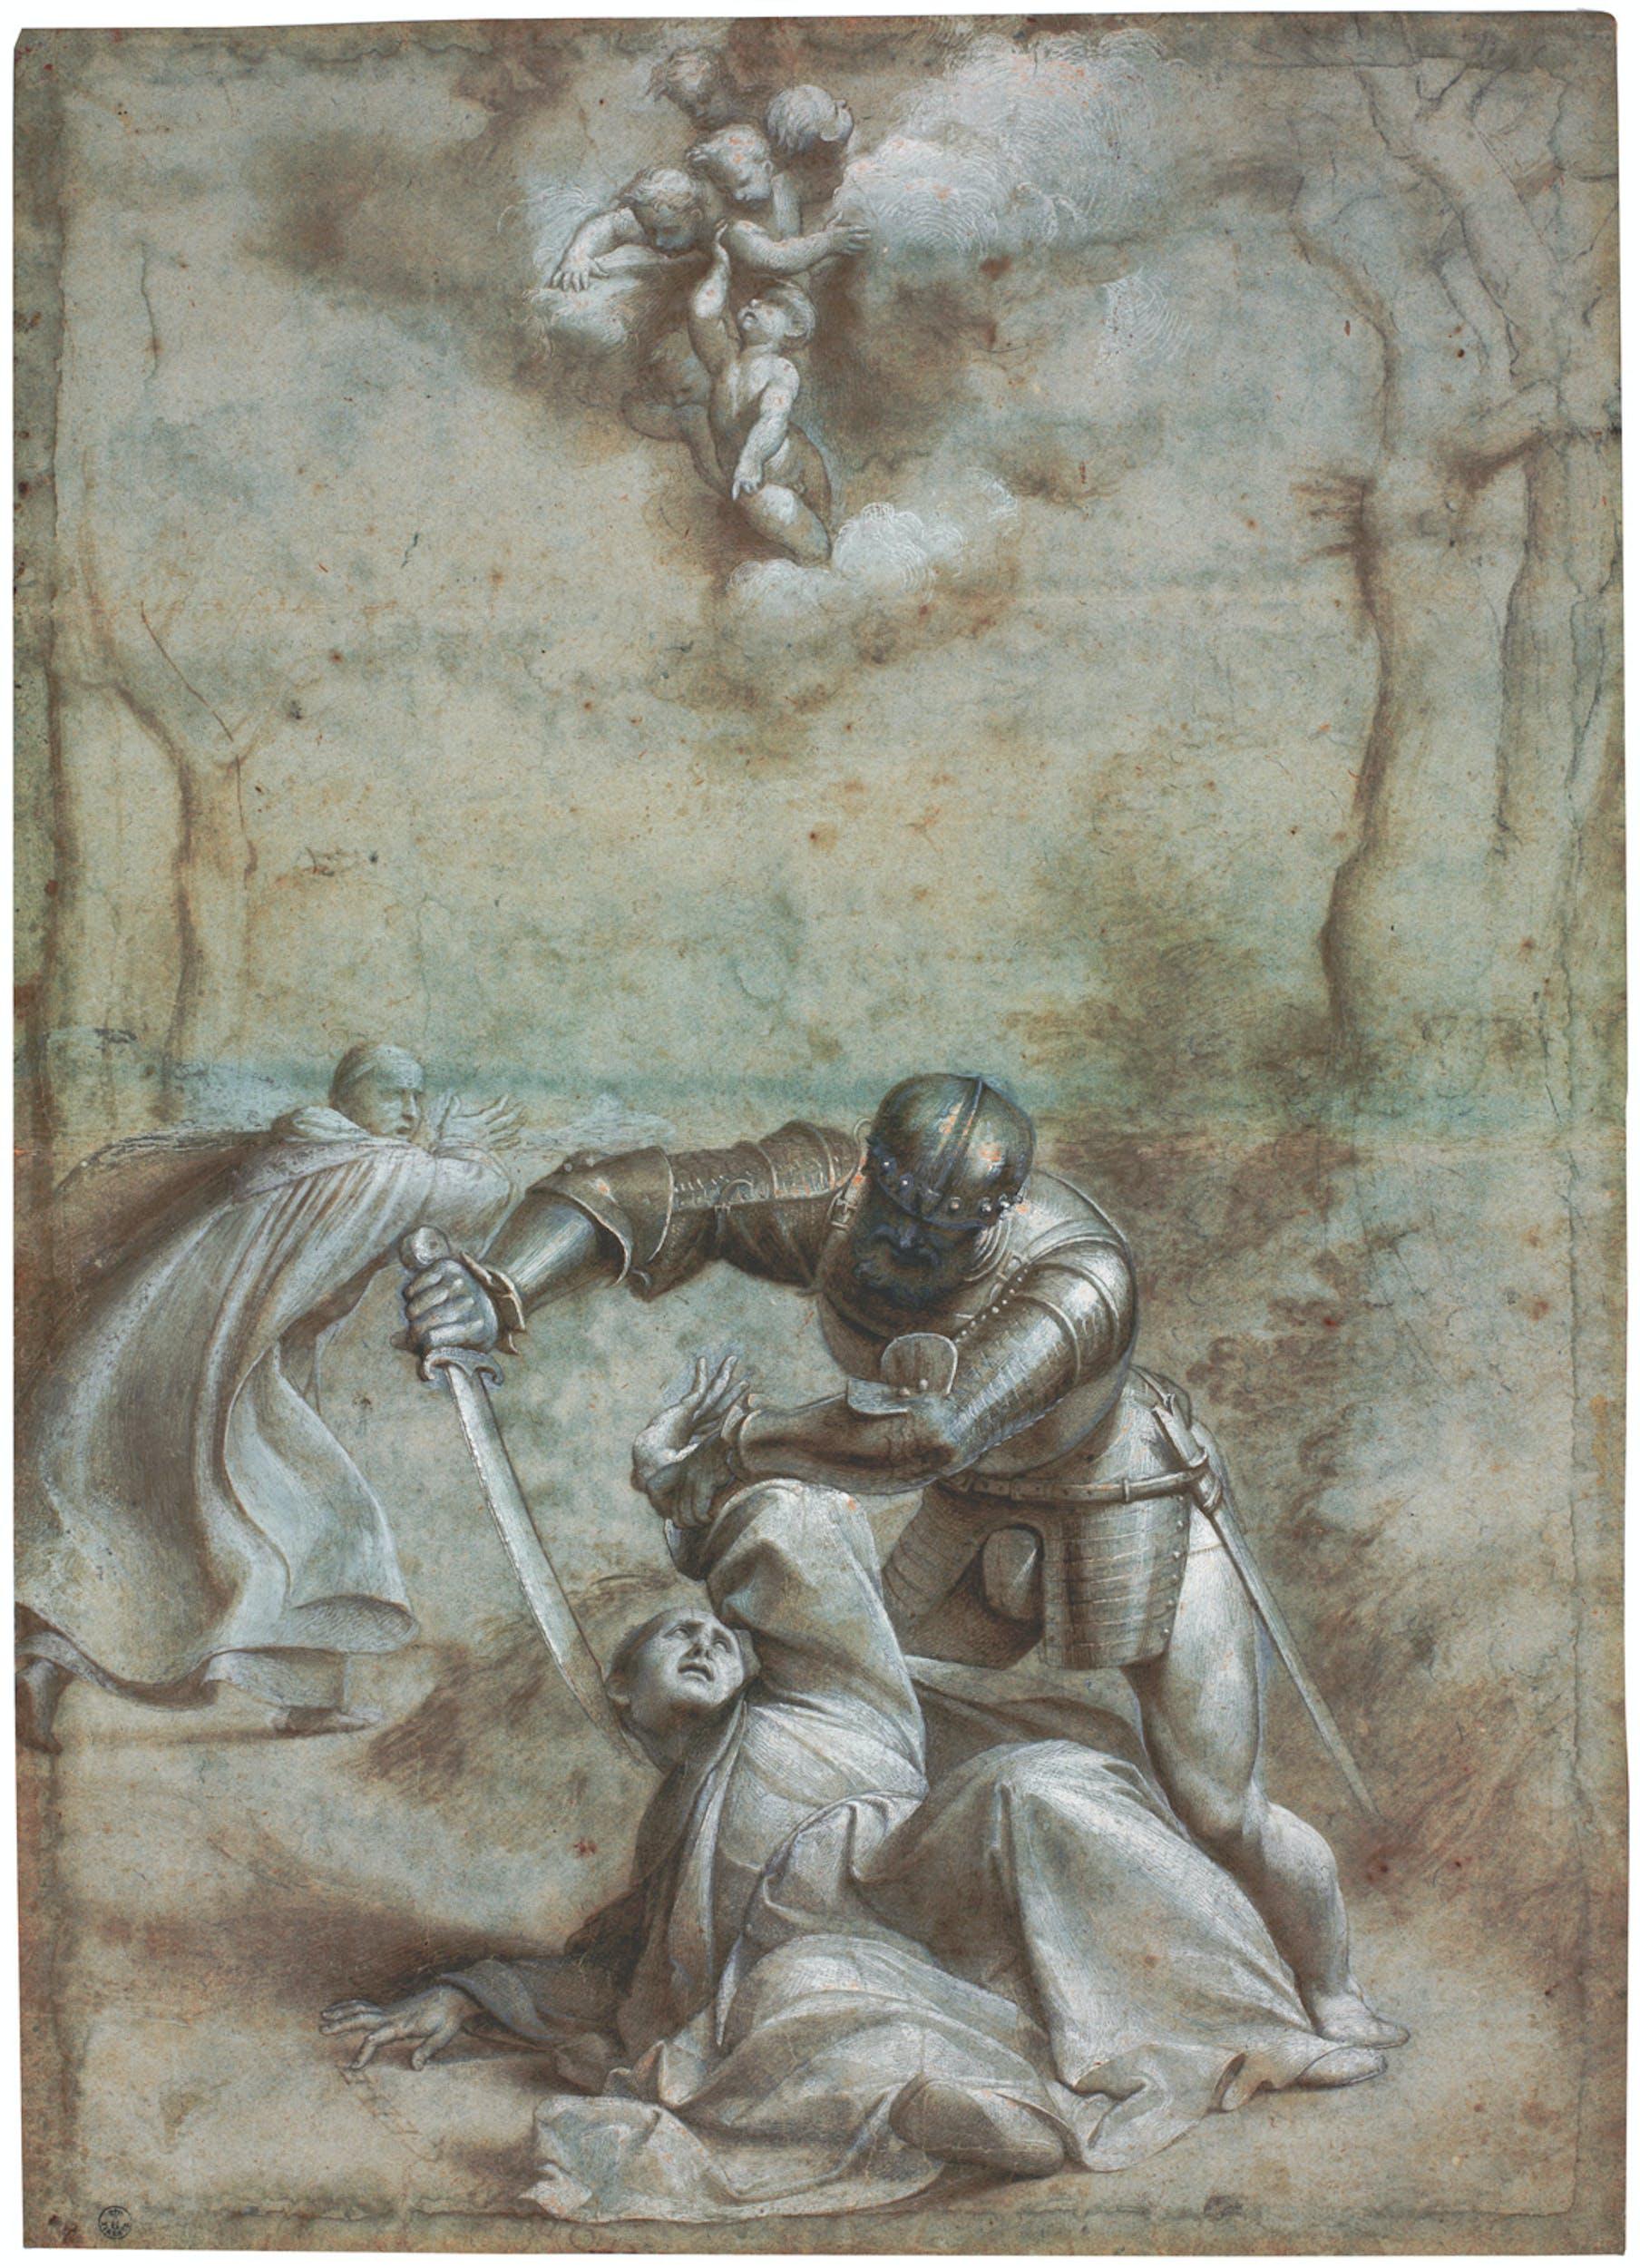 Giovanni Antonio de' Sacchis, detto Pordenone (Pordenone, 1483/1484-Ferrara, 1539) Uccisione di san Pietro martire da Verona anni Venti del XVI sec., seconda metà penna e inchiostro, pennello e inchiostro diluito, pietra nera, biacca, su carta cerulea sbiadita Gabinetto dei Disegni e delle Stampe, Gallerie degli Uffizi, Firenze | Giovanni Antonio de' Sacchis, known as Pordenone (Pordenone, 1483/4-Ferrara, 1539) Death of St. Peter Martyr of Verona c. 1525–8 pen and ink, brush and ink wash, black chalk, lead white, on faded light blue paper Gabinetto dei Disegni e delle Stampe, Gallerie degli Uffizi, Florence